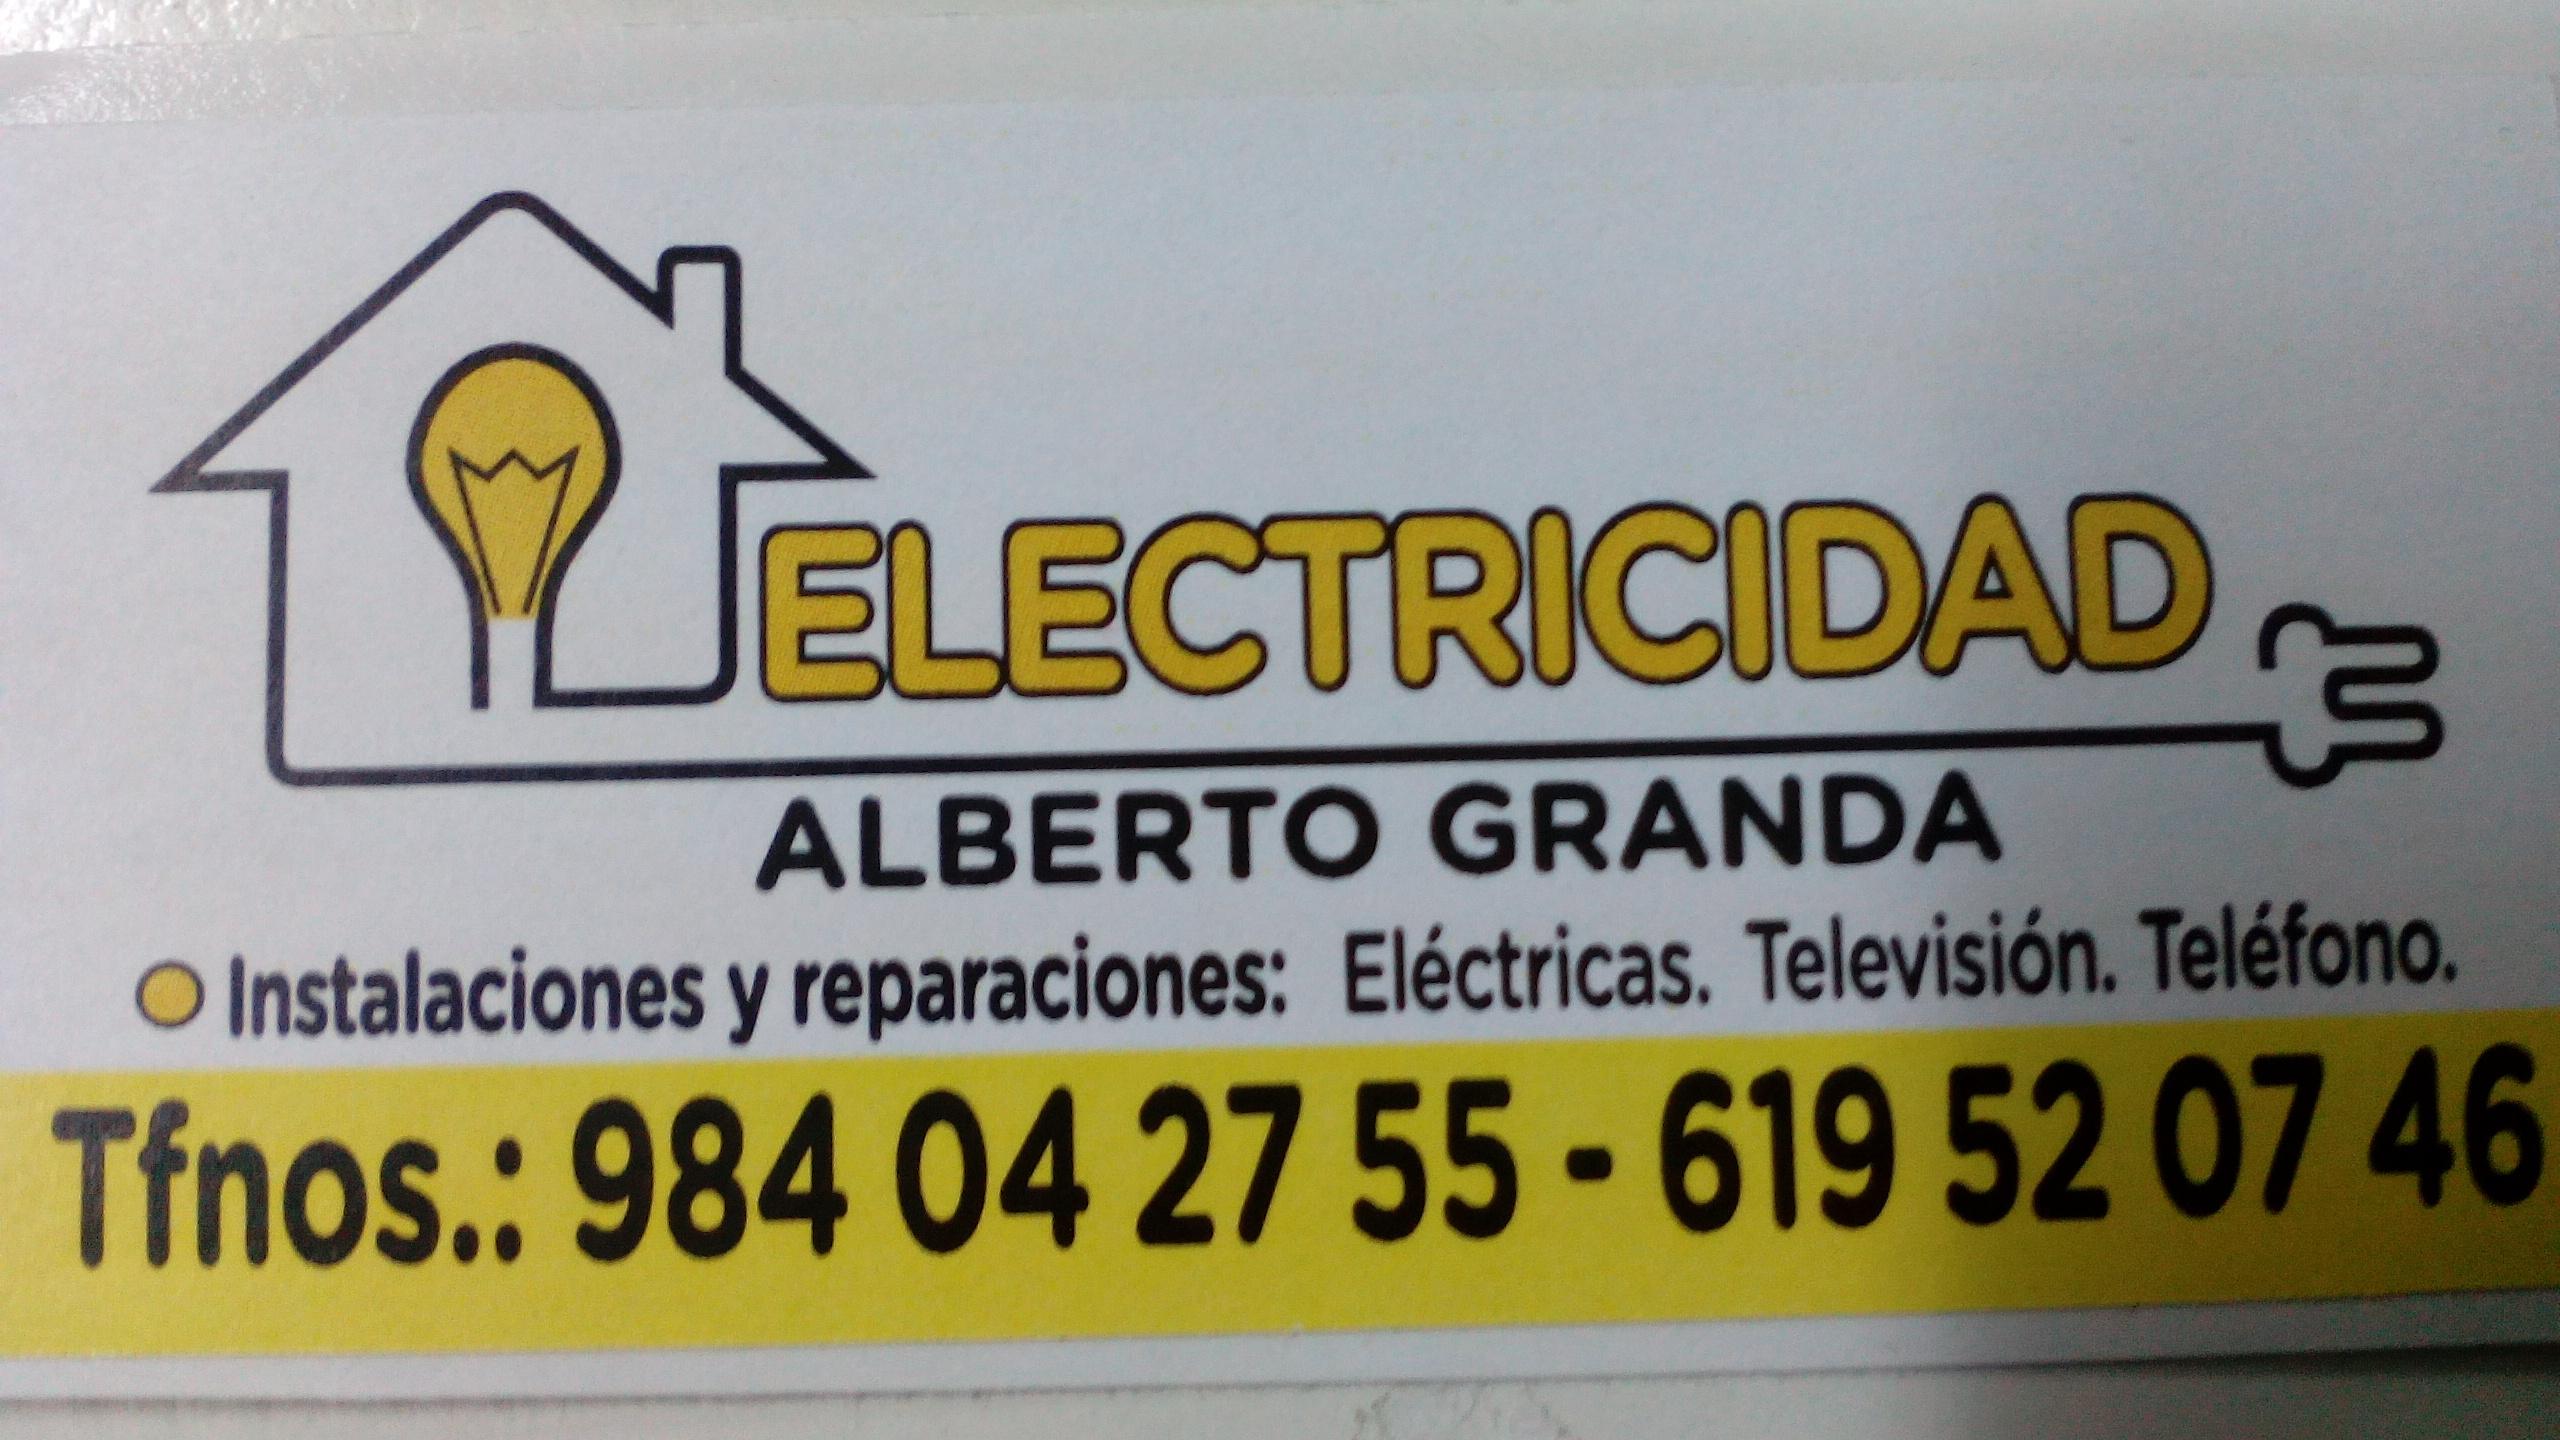 Alberto Granda Electricidad